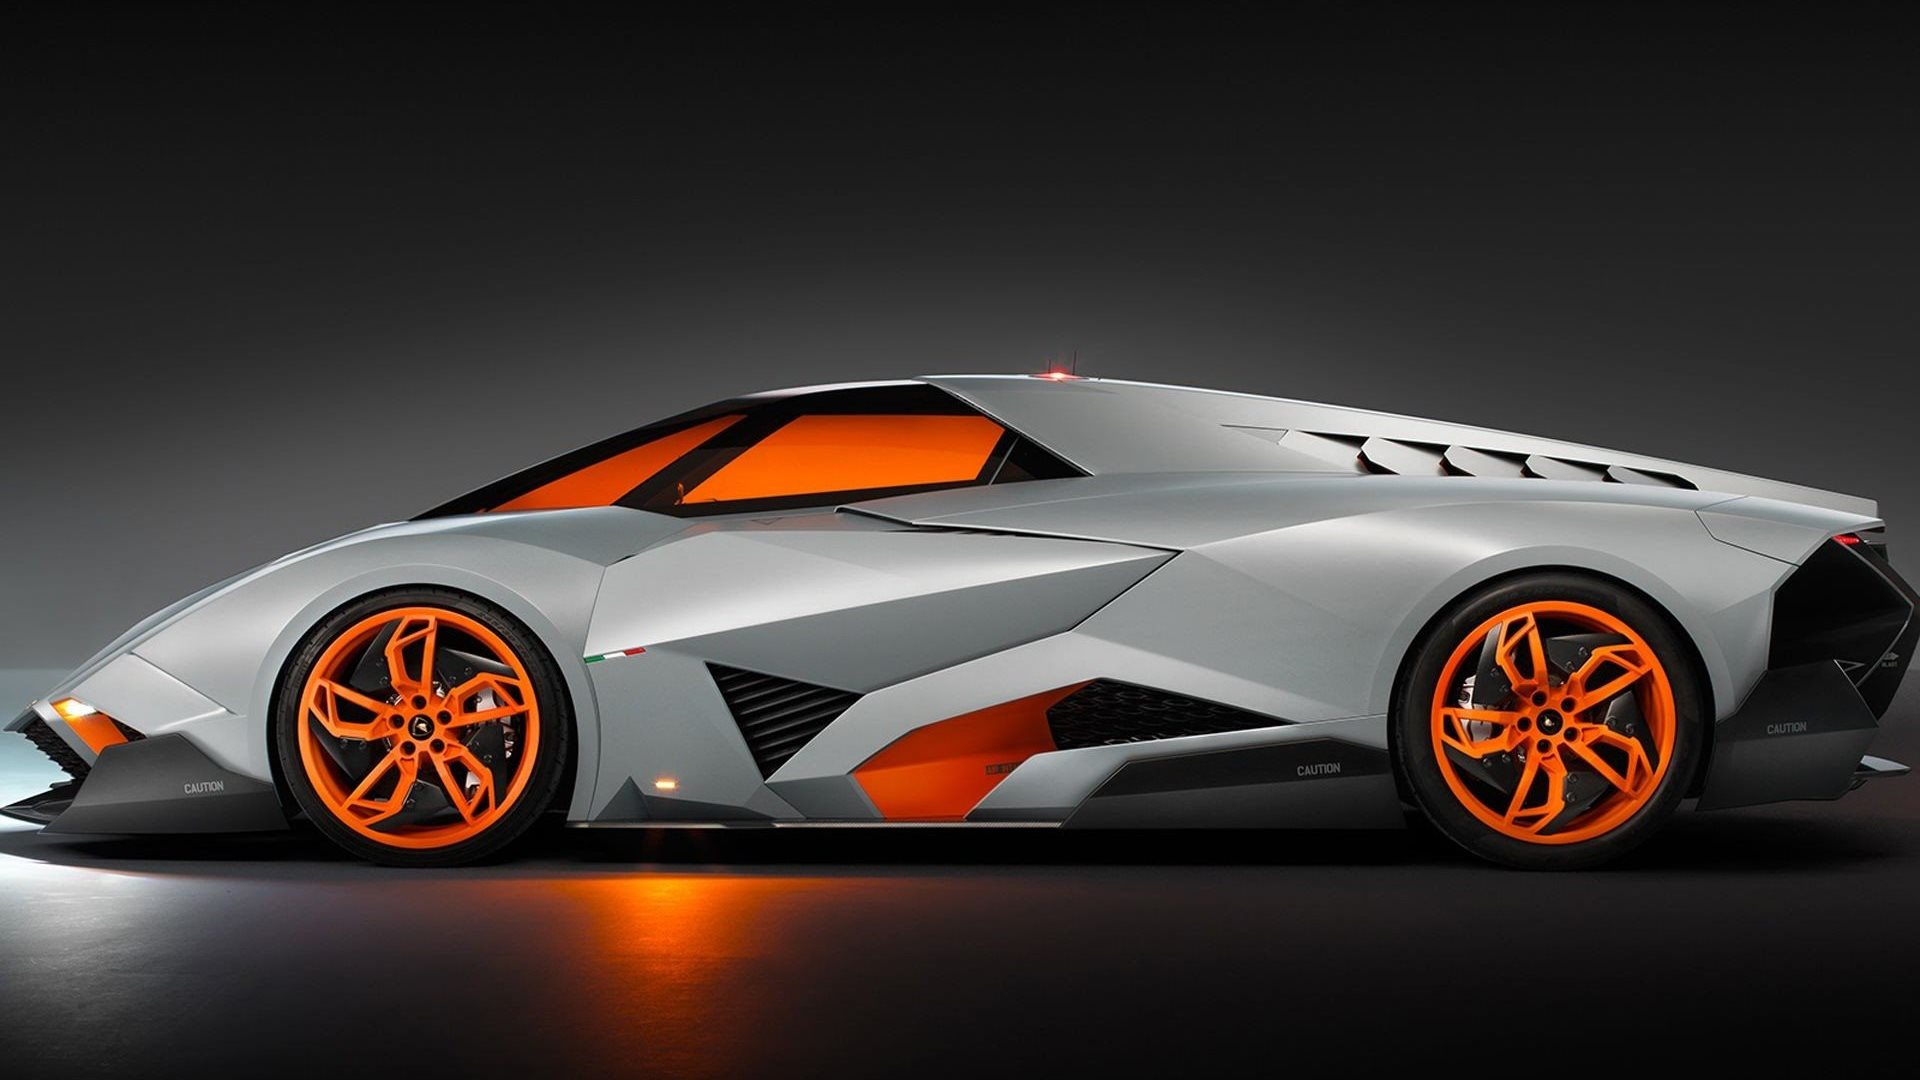 2014 Lamborghini Gallardo 16 Cool Car Wallpaper ...